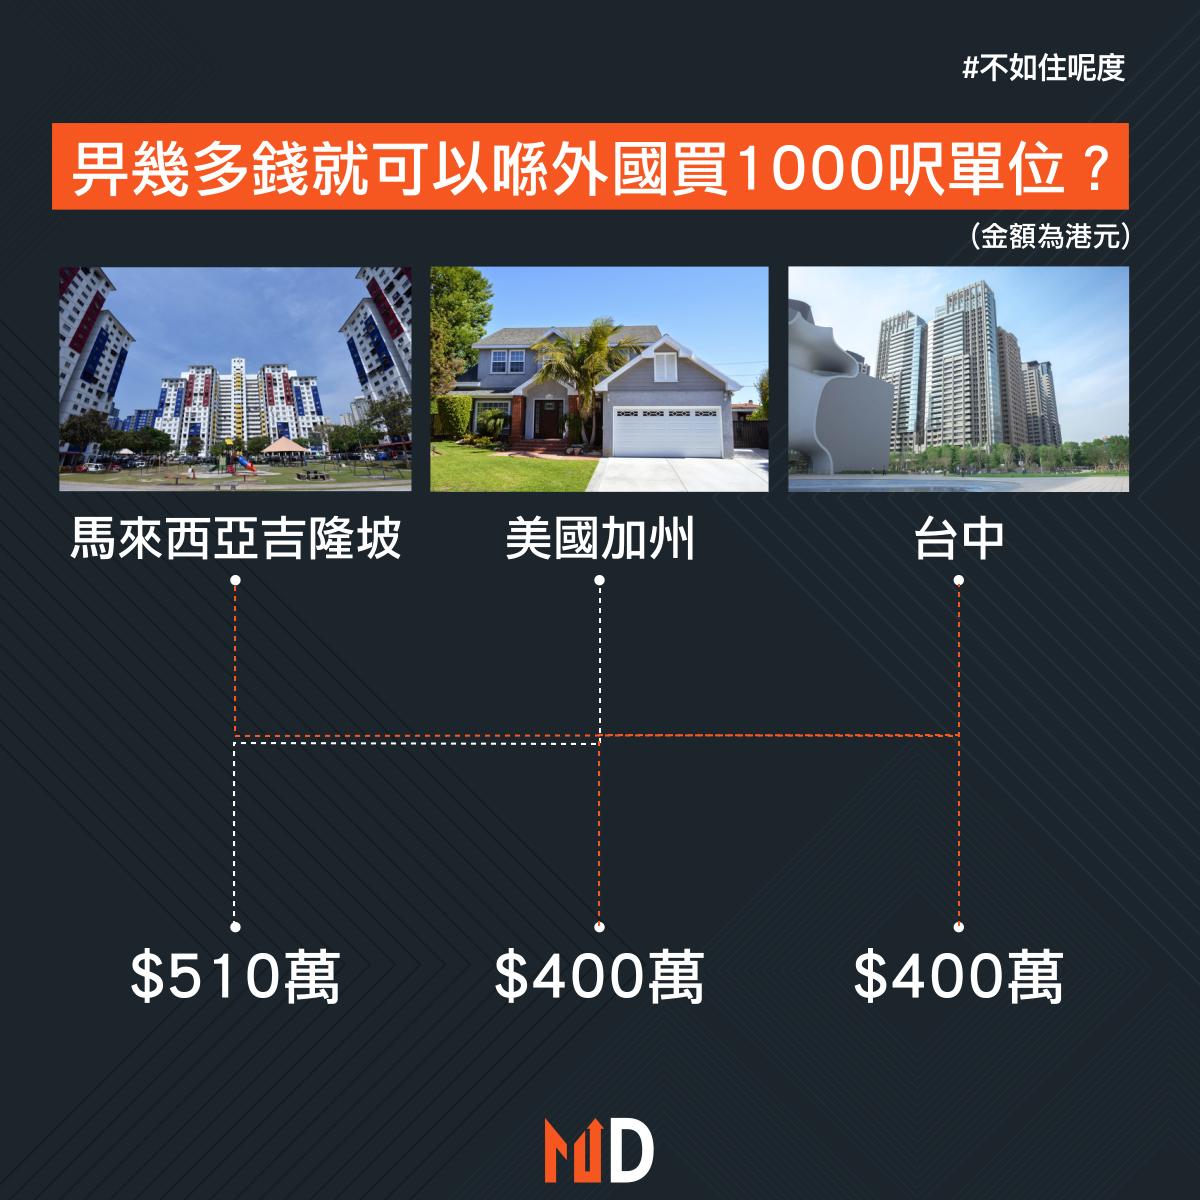 【不如住呢度】畀幾多錢就可以喺外國買1000呎單位?